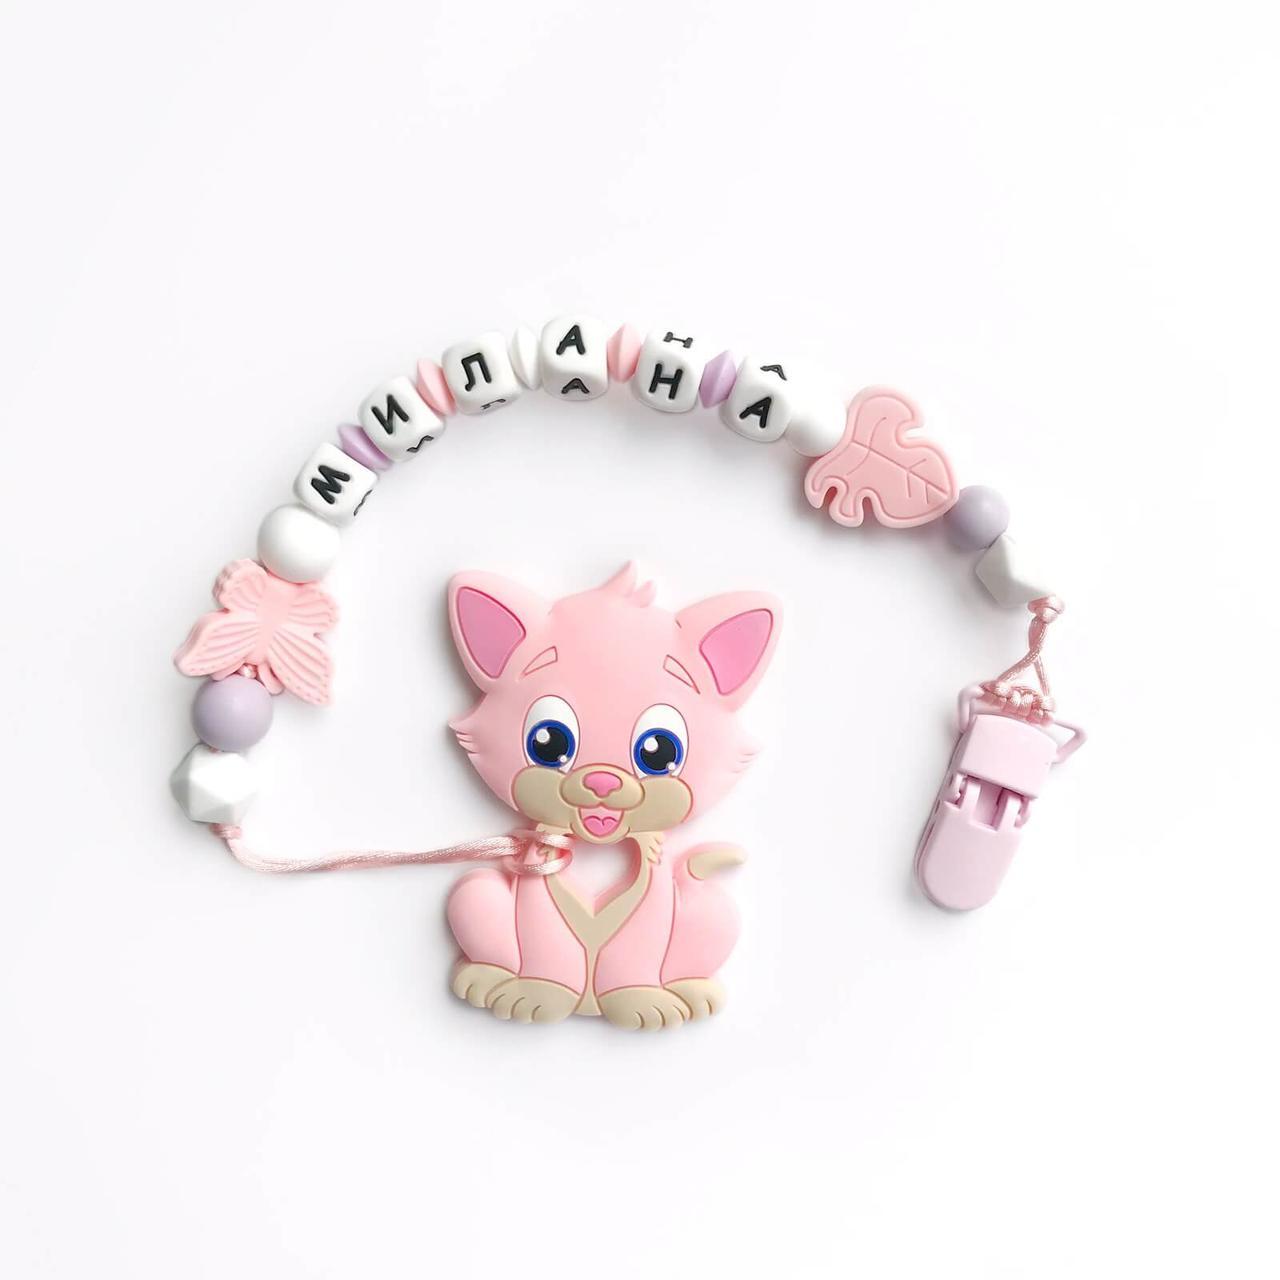 Котик Том, Именной грызунок, прорезыватель для зубов